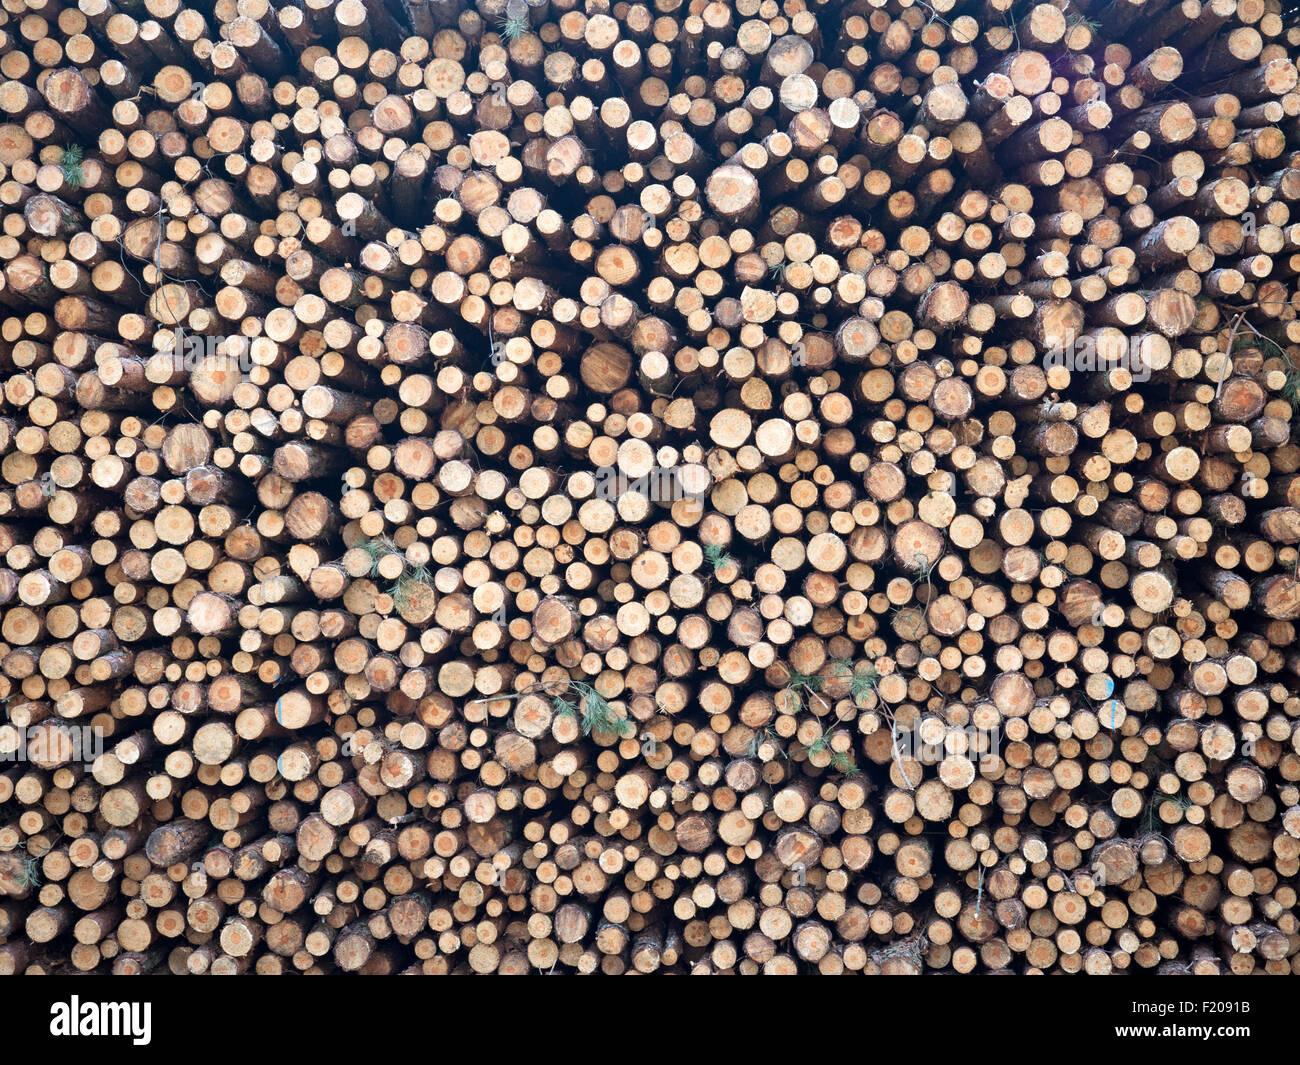 Holzstapel aus Fichtenstämmen bildfüllend - Stock Image